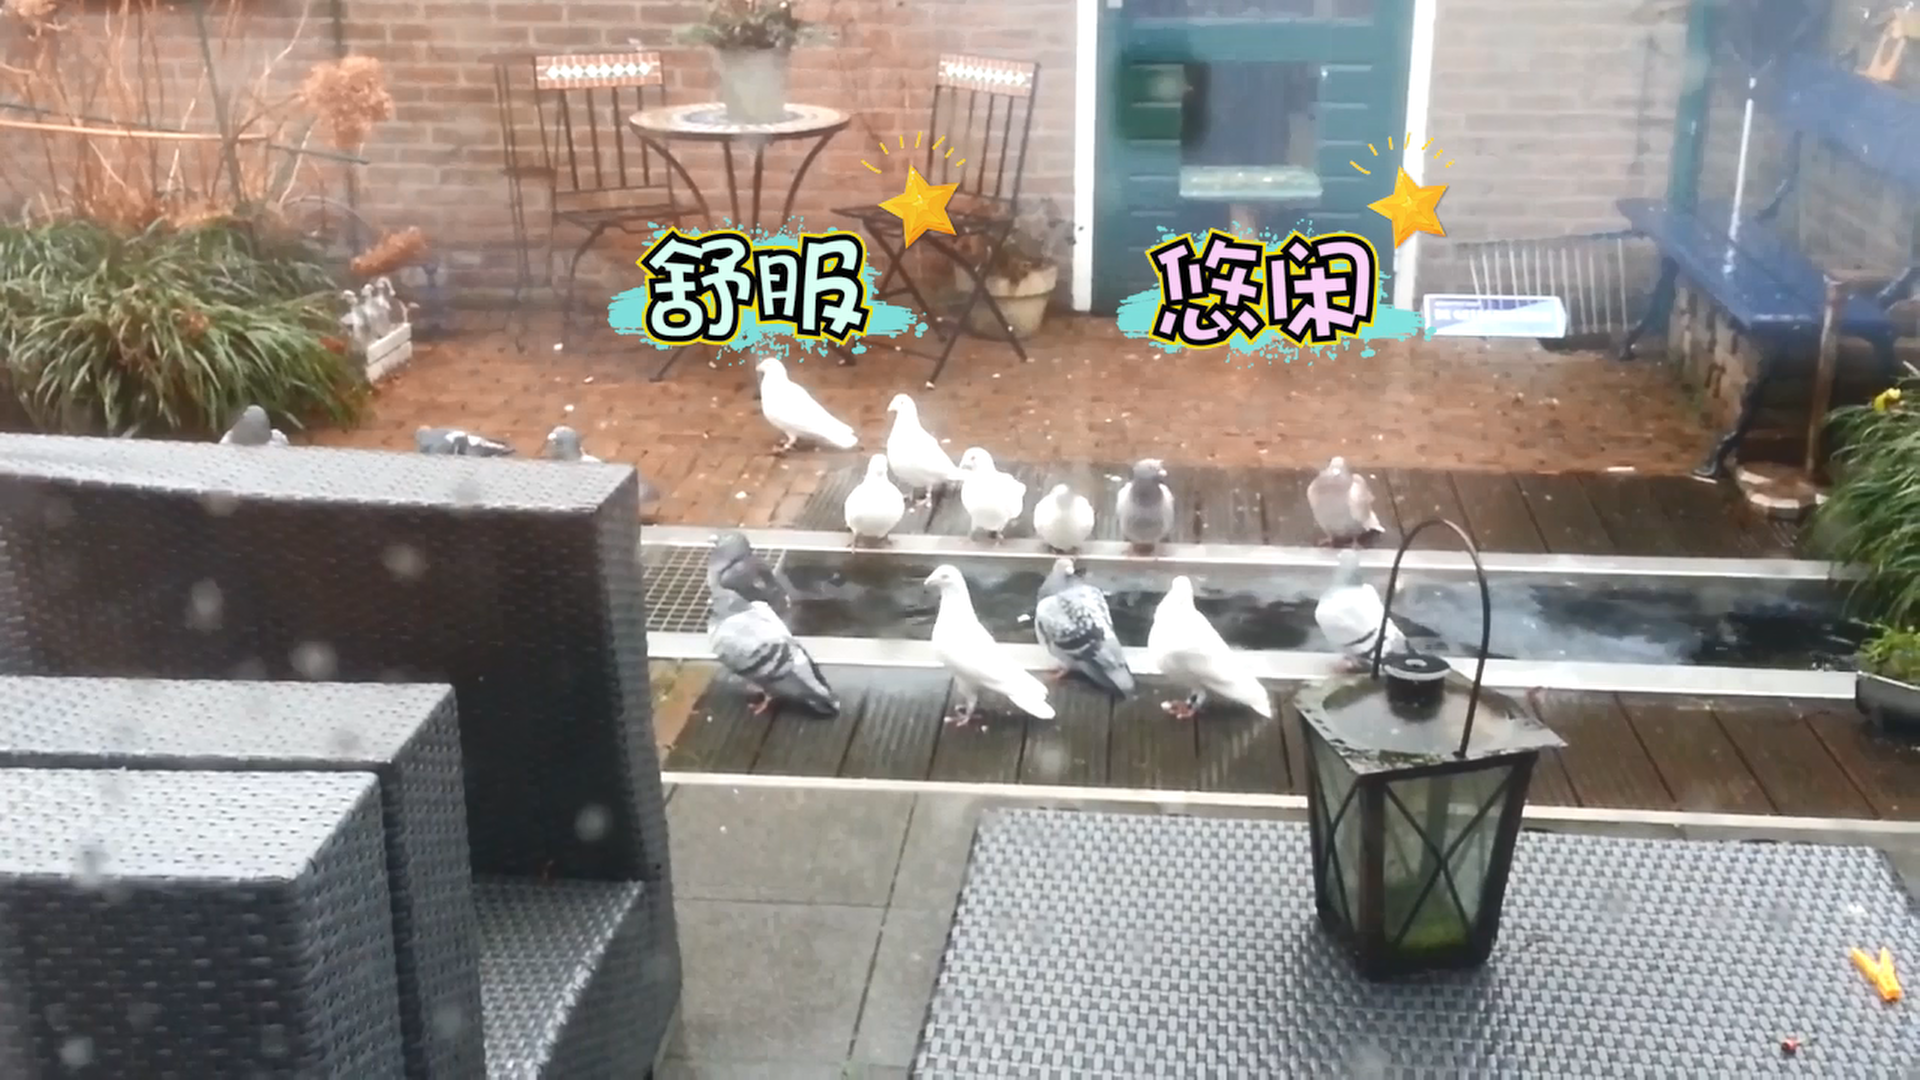 看完我也想做一羽快乐的鸽子